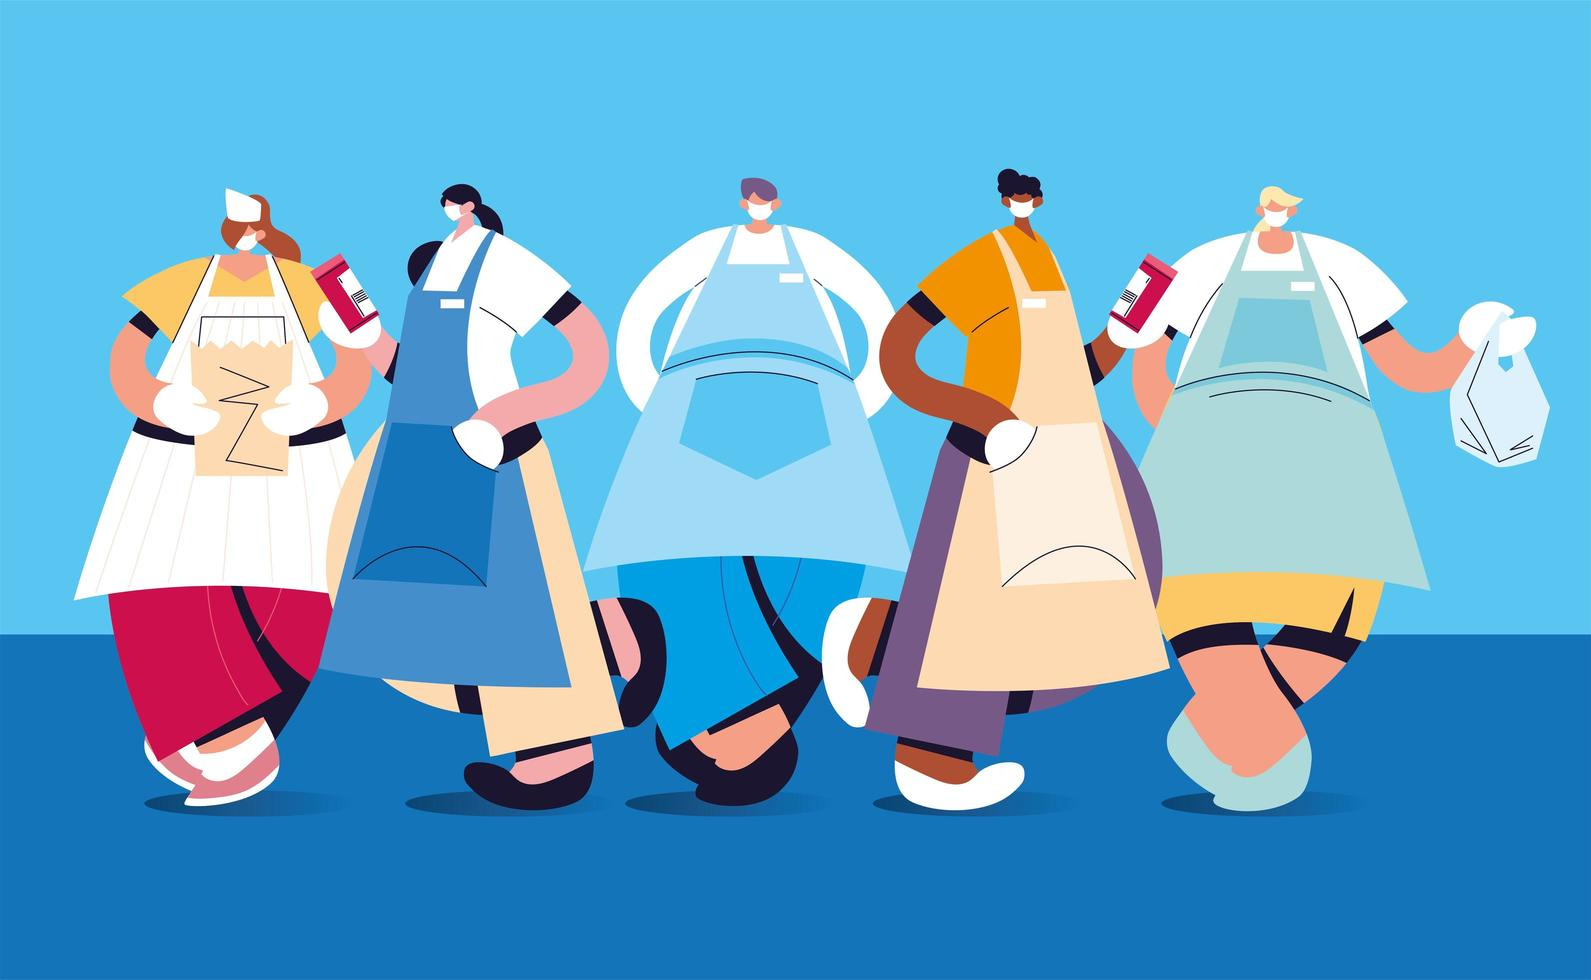 Gruppe von Kellnern mit Gesichtsmaske und Uniform vektor